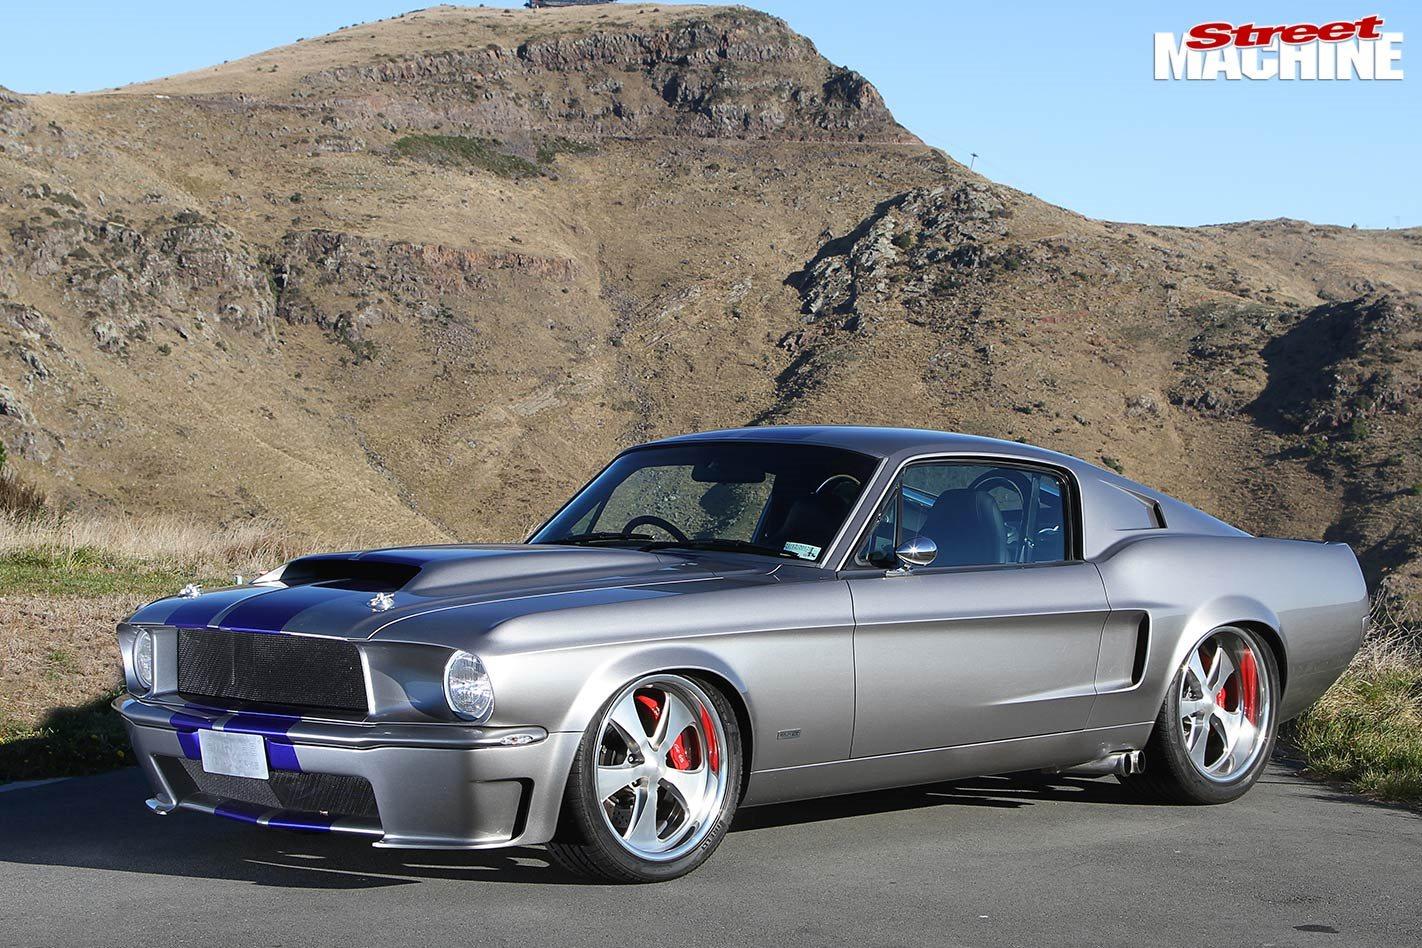 Burkes Metalwork Built 1968 Ford Mustang Fastback